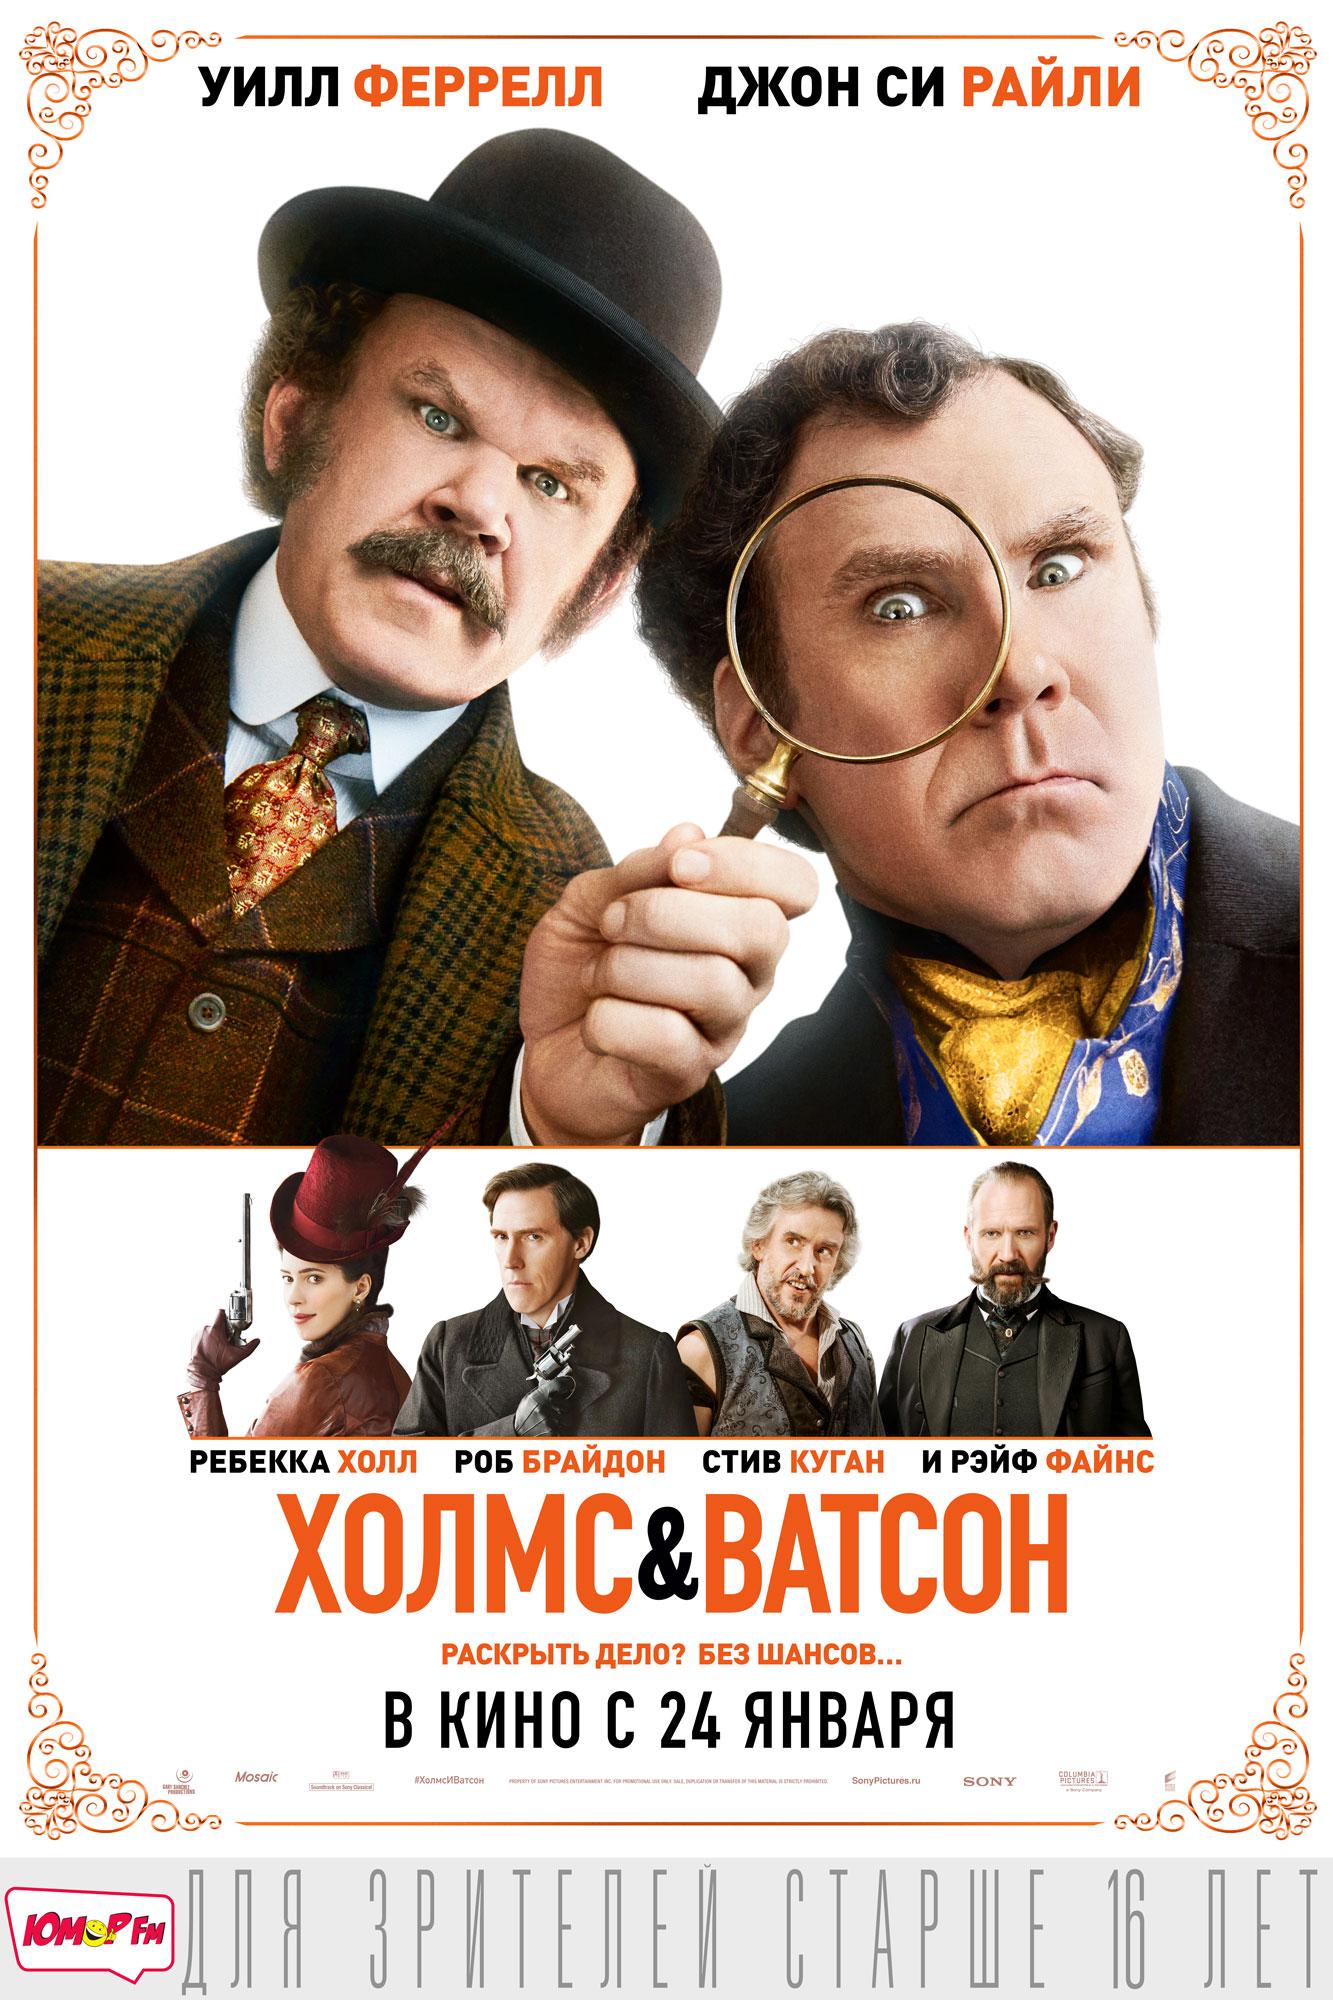 Кино в жуковском юбилейный афиша купить билеты в кино yandex